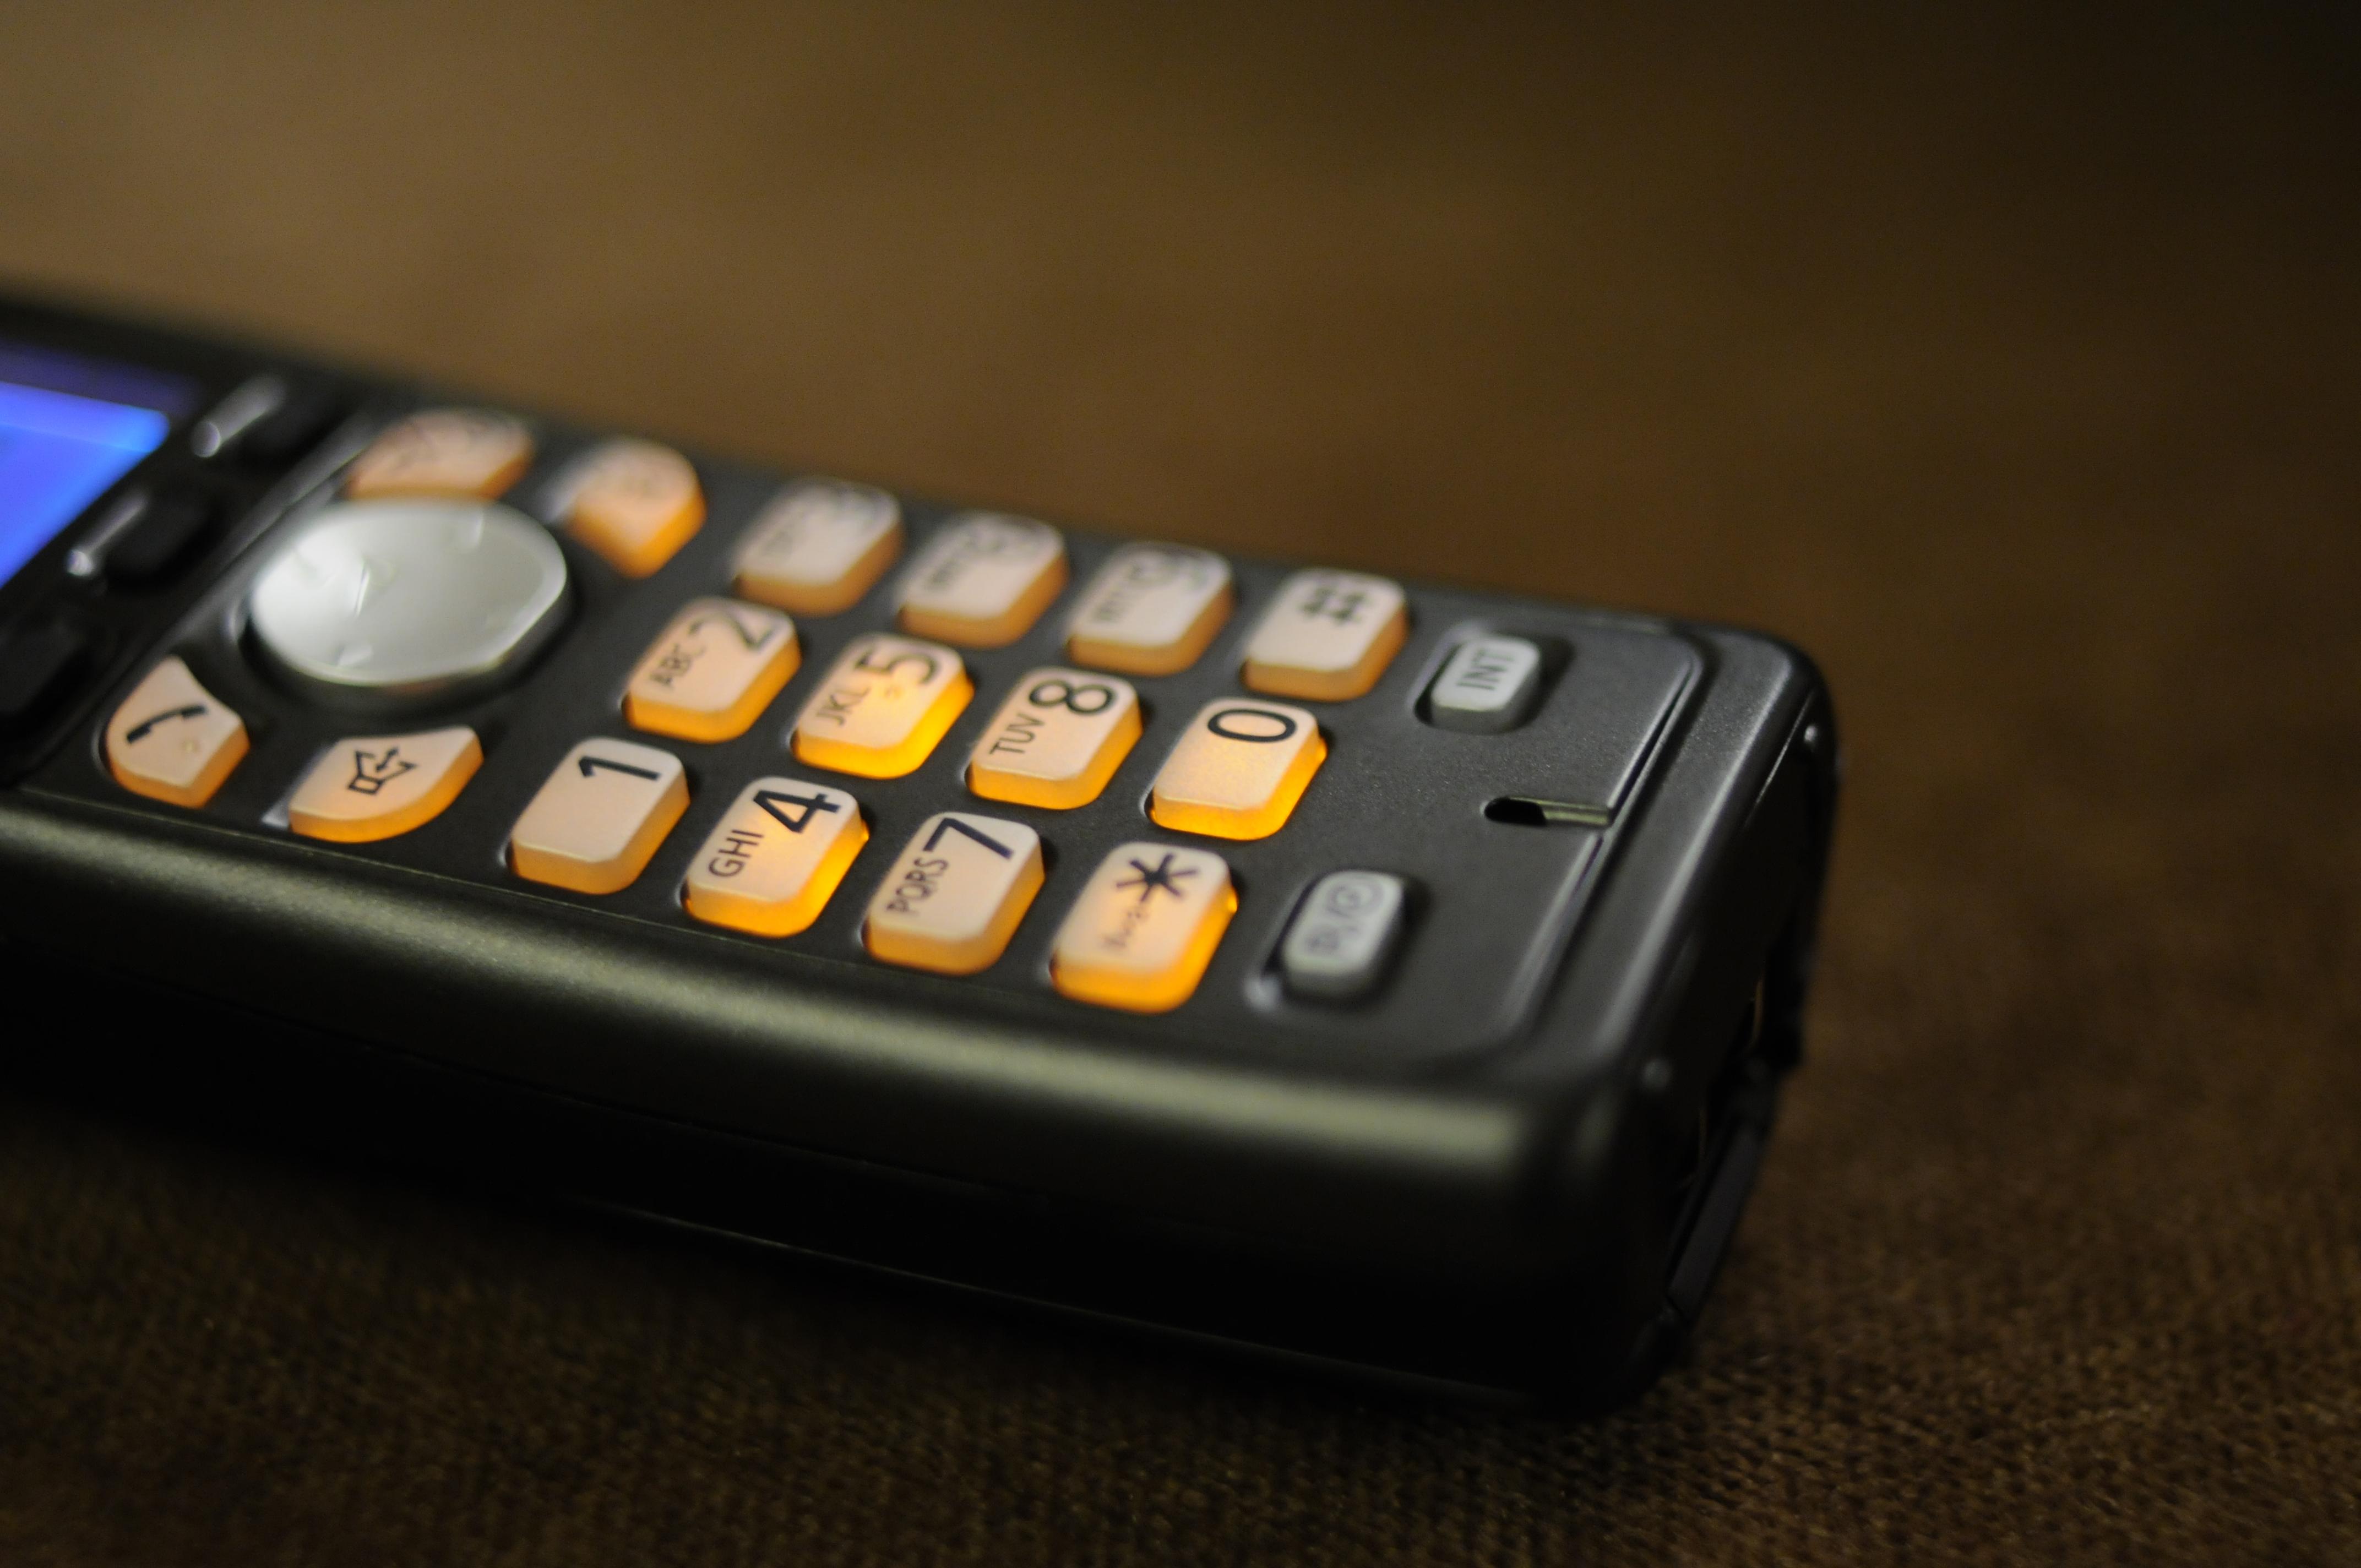 Как работают программы автообзвона и почему это выгодно?